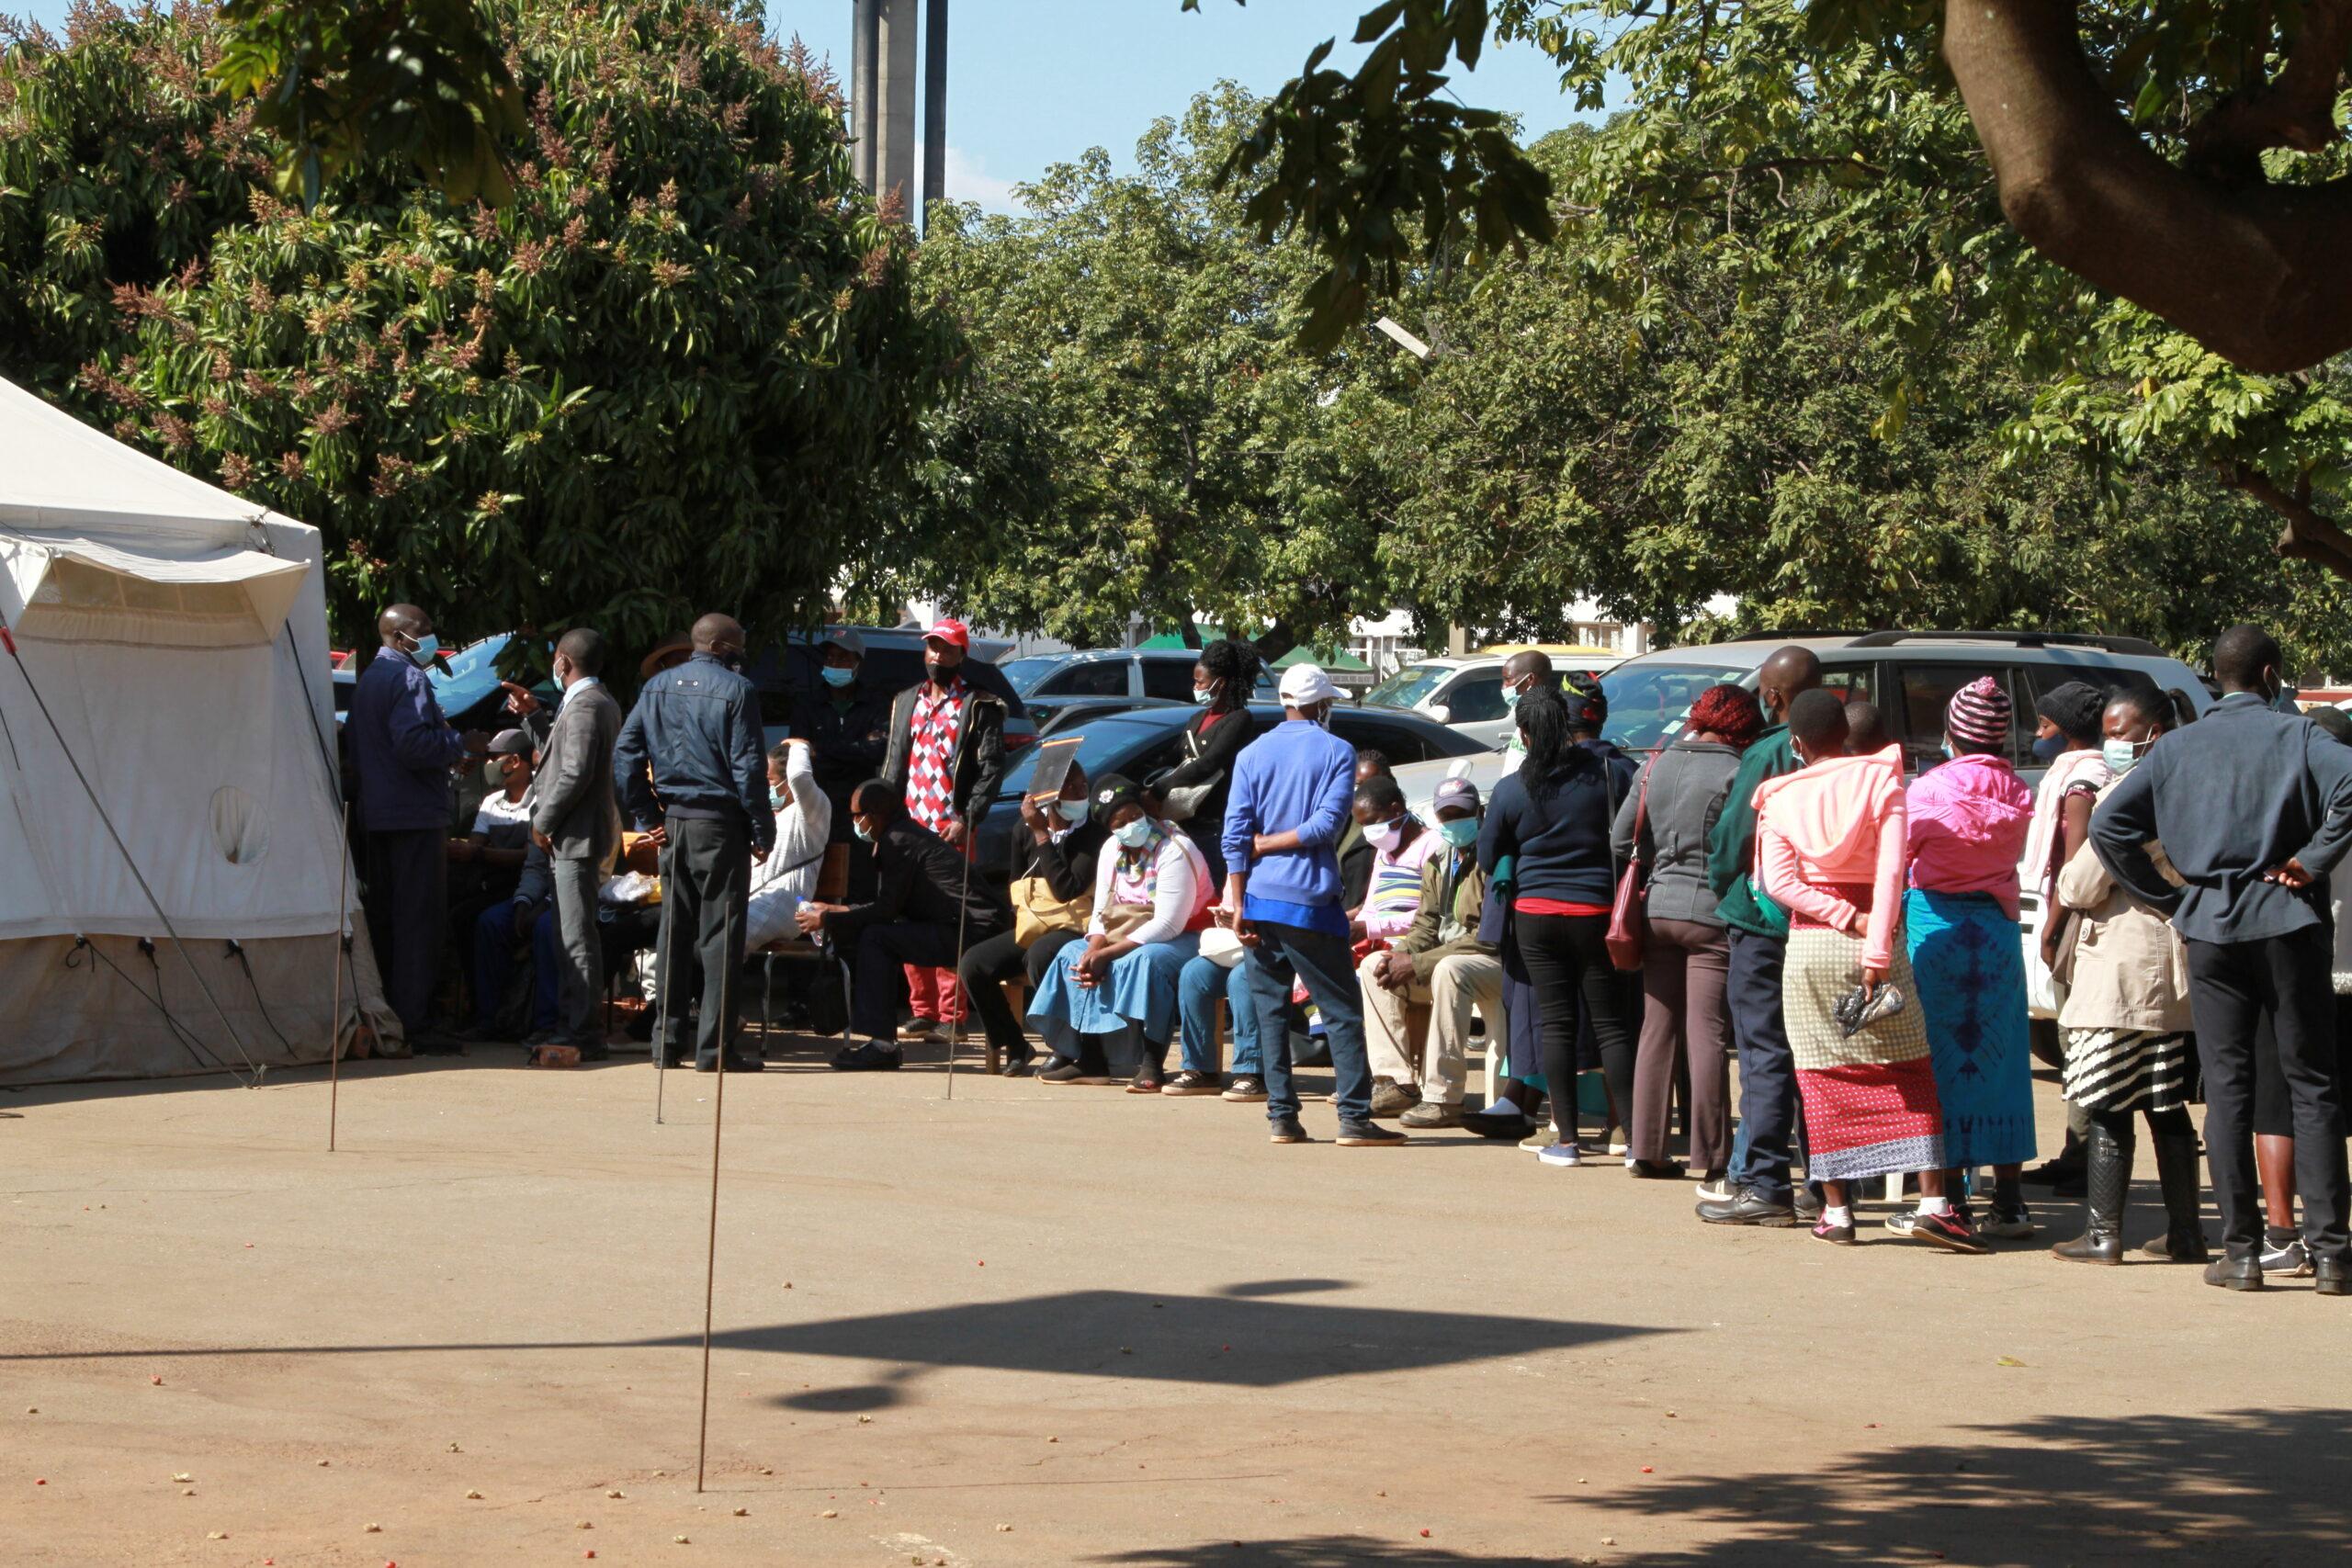 ทวีป 'แอฟริกา' ป่วยโควิด-19 สะสมทะลุ 7.1 ล้านรายแล้ว